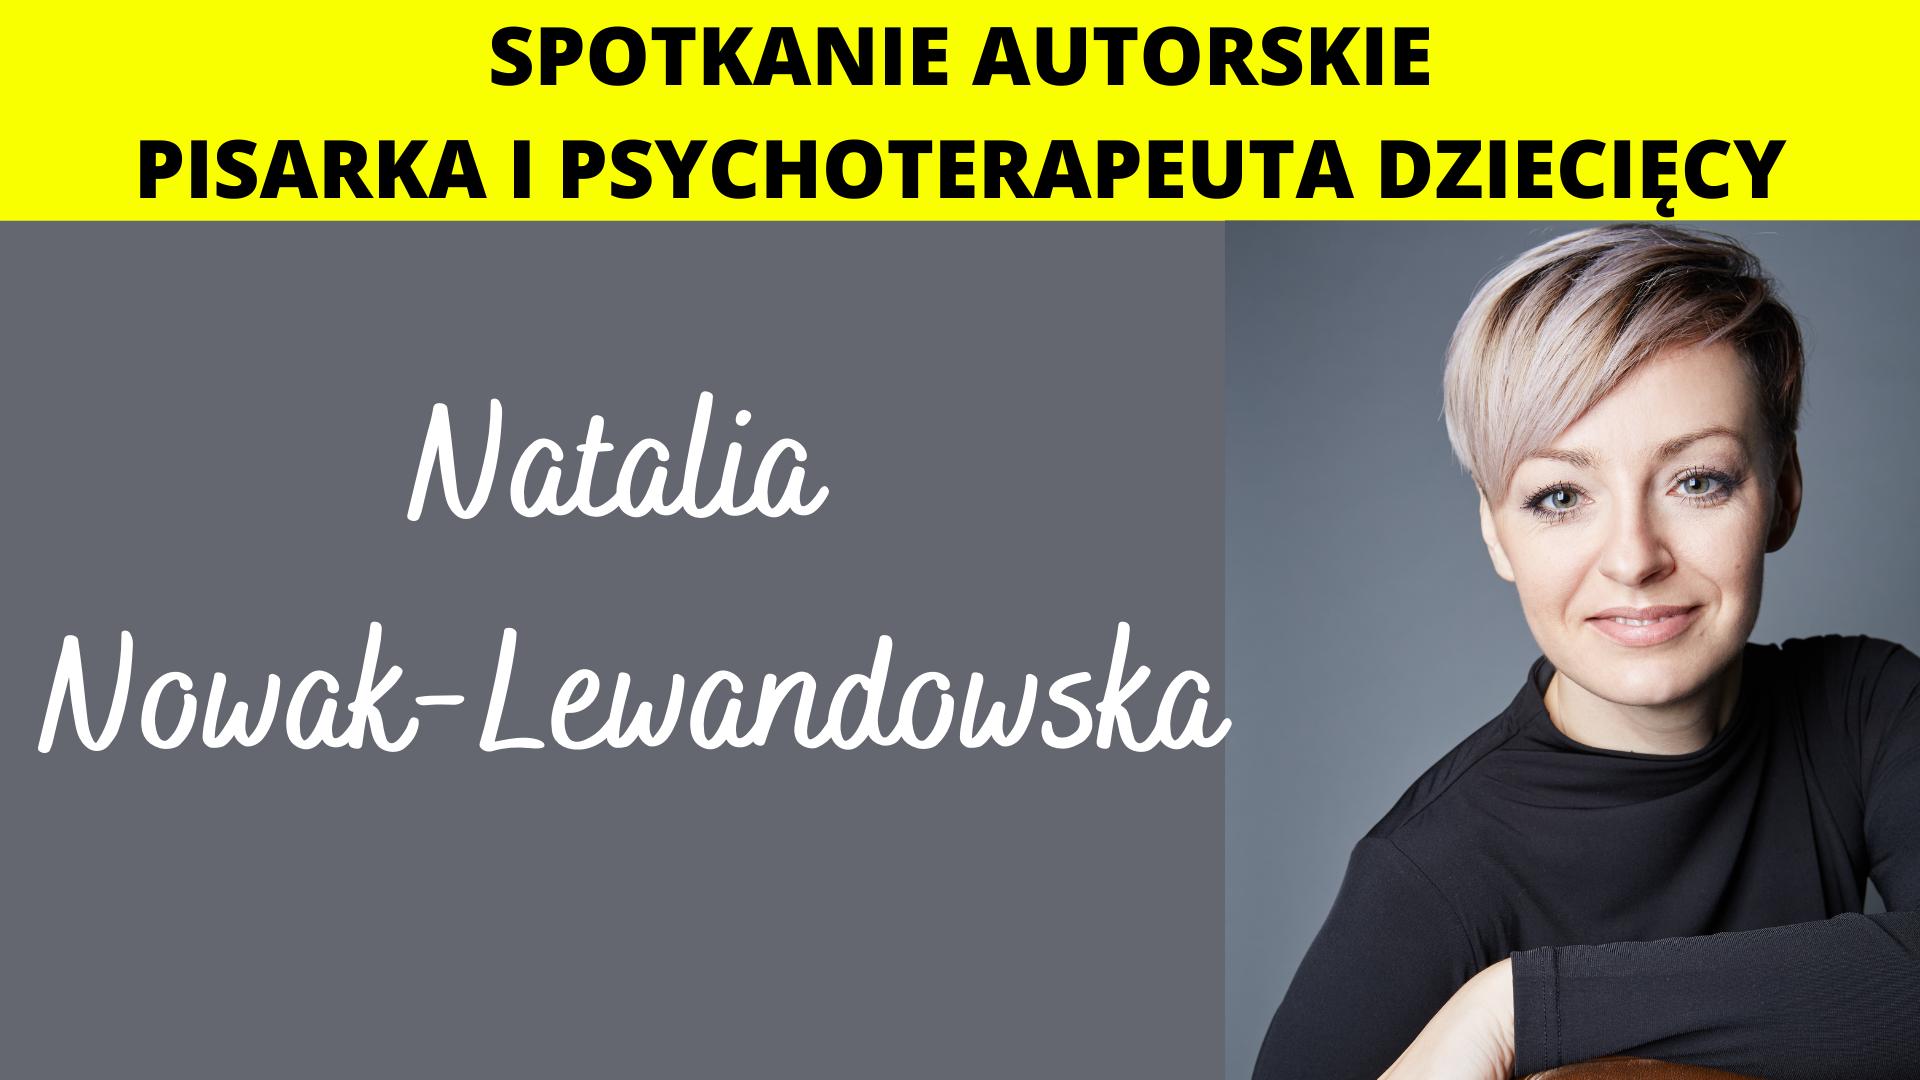 Spotkanie autorskie - Natalia Nowak-Lewandowska - pisarka i psychoterapeuta dziecięcy